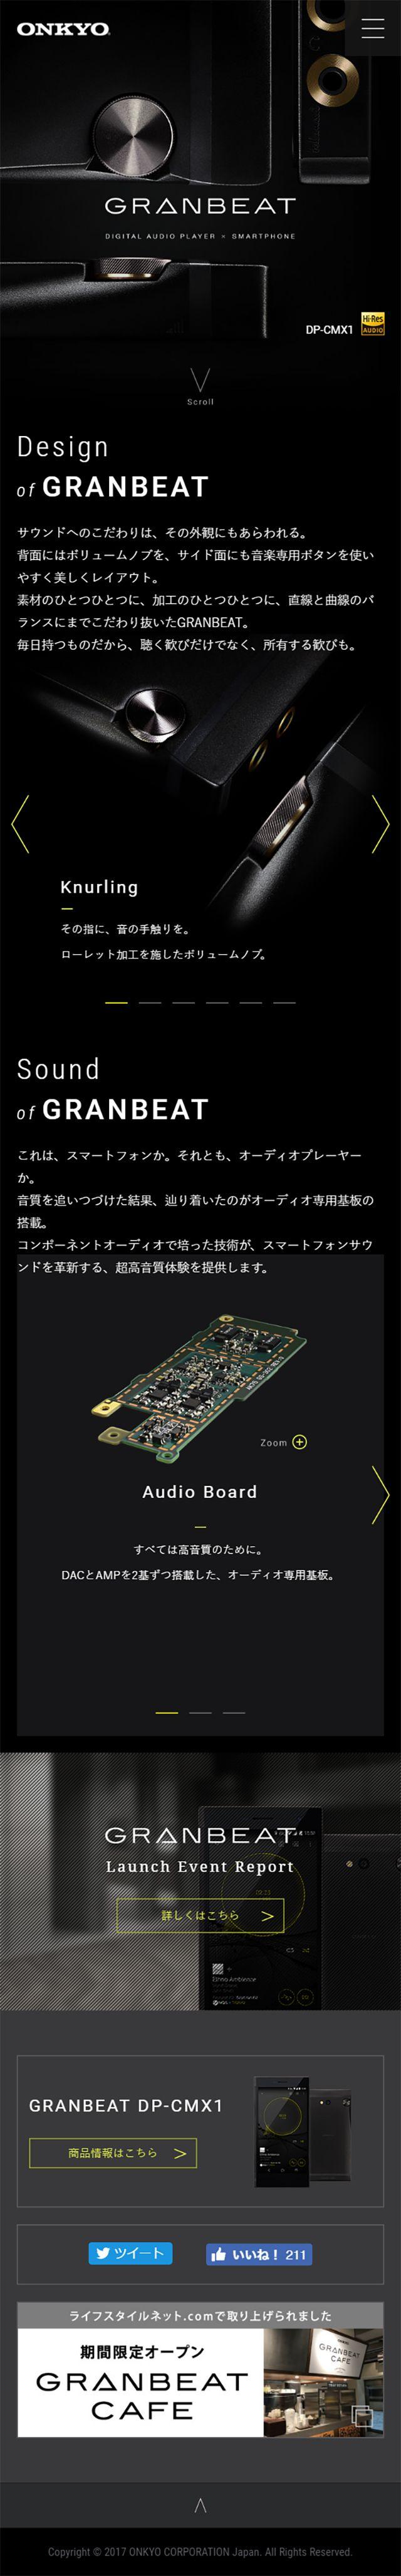 GRANBEAT DP-CMX1【家電・パソコン・通信関連】のLPデザイン。WEBデザイナーさん必見!スマホランディングページのデザイン参考に(かっこいい系)